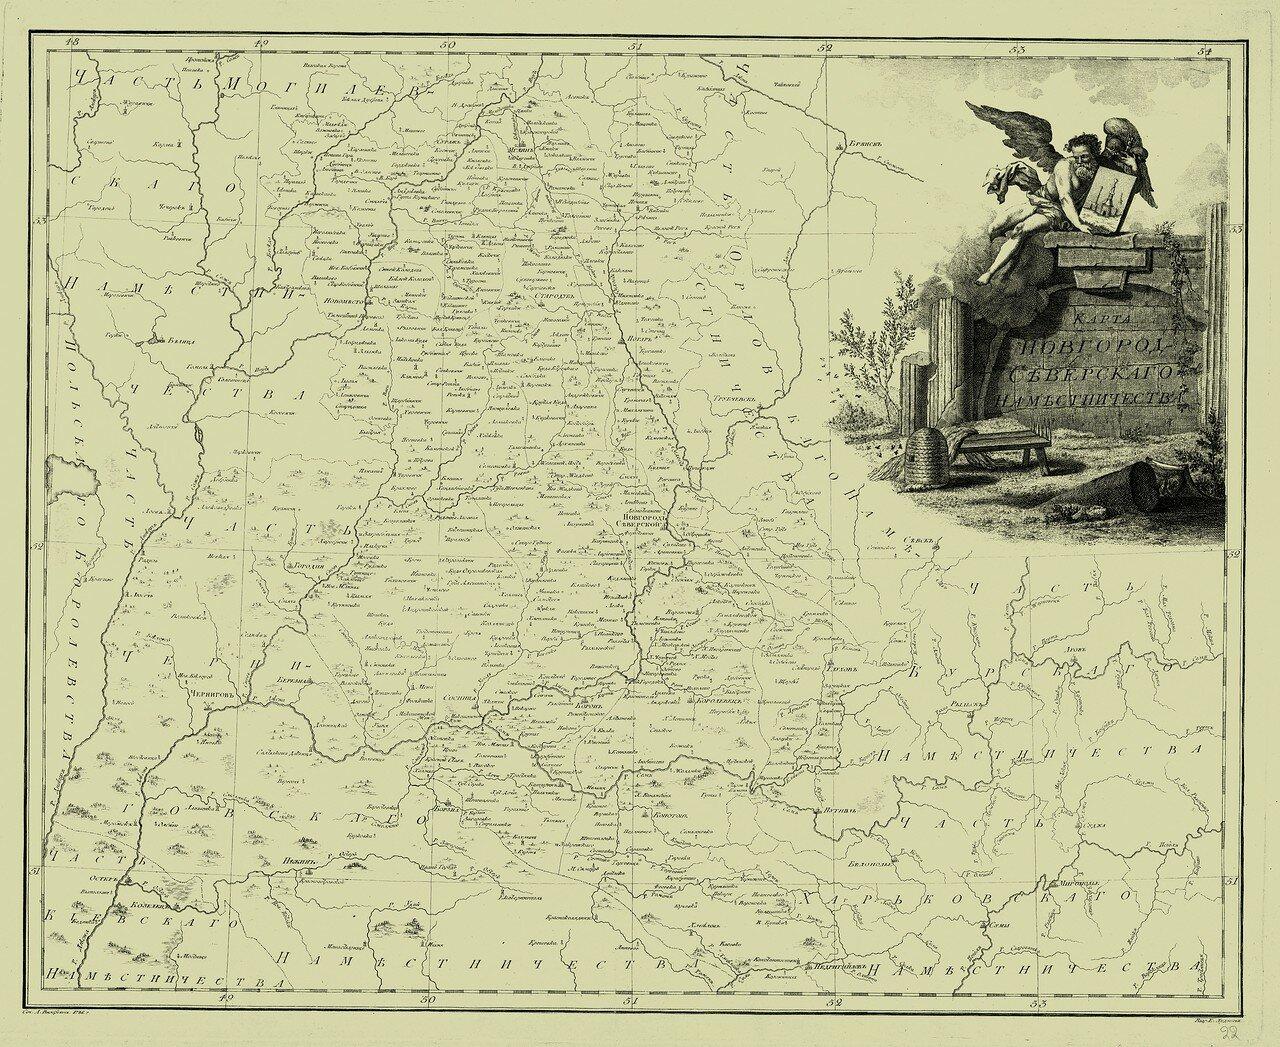 22. Карта Новгород-Северского наместничества